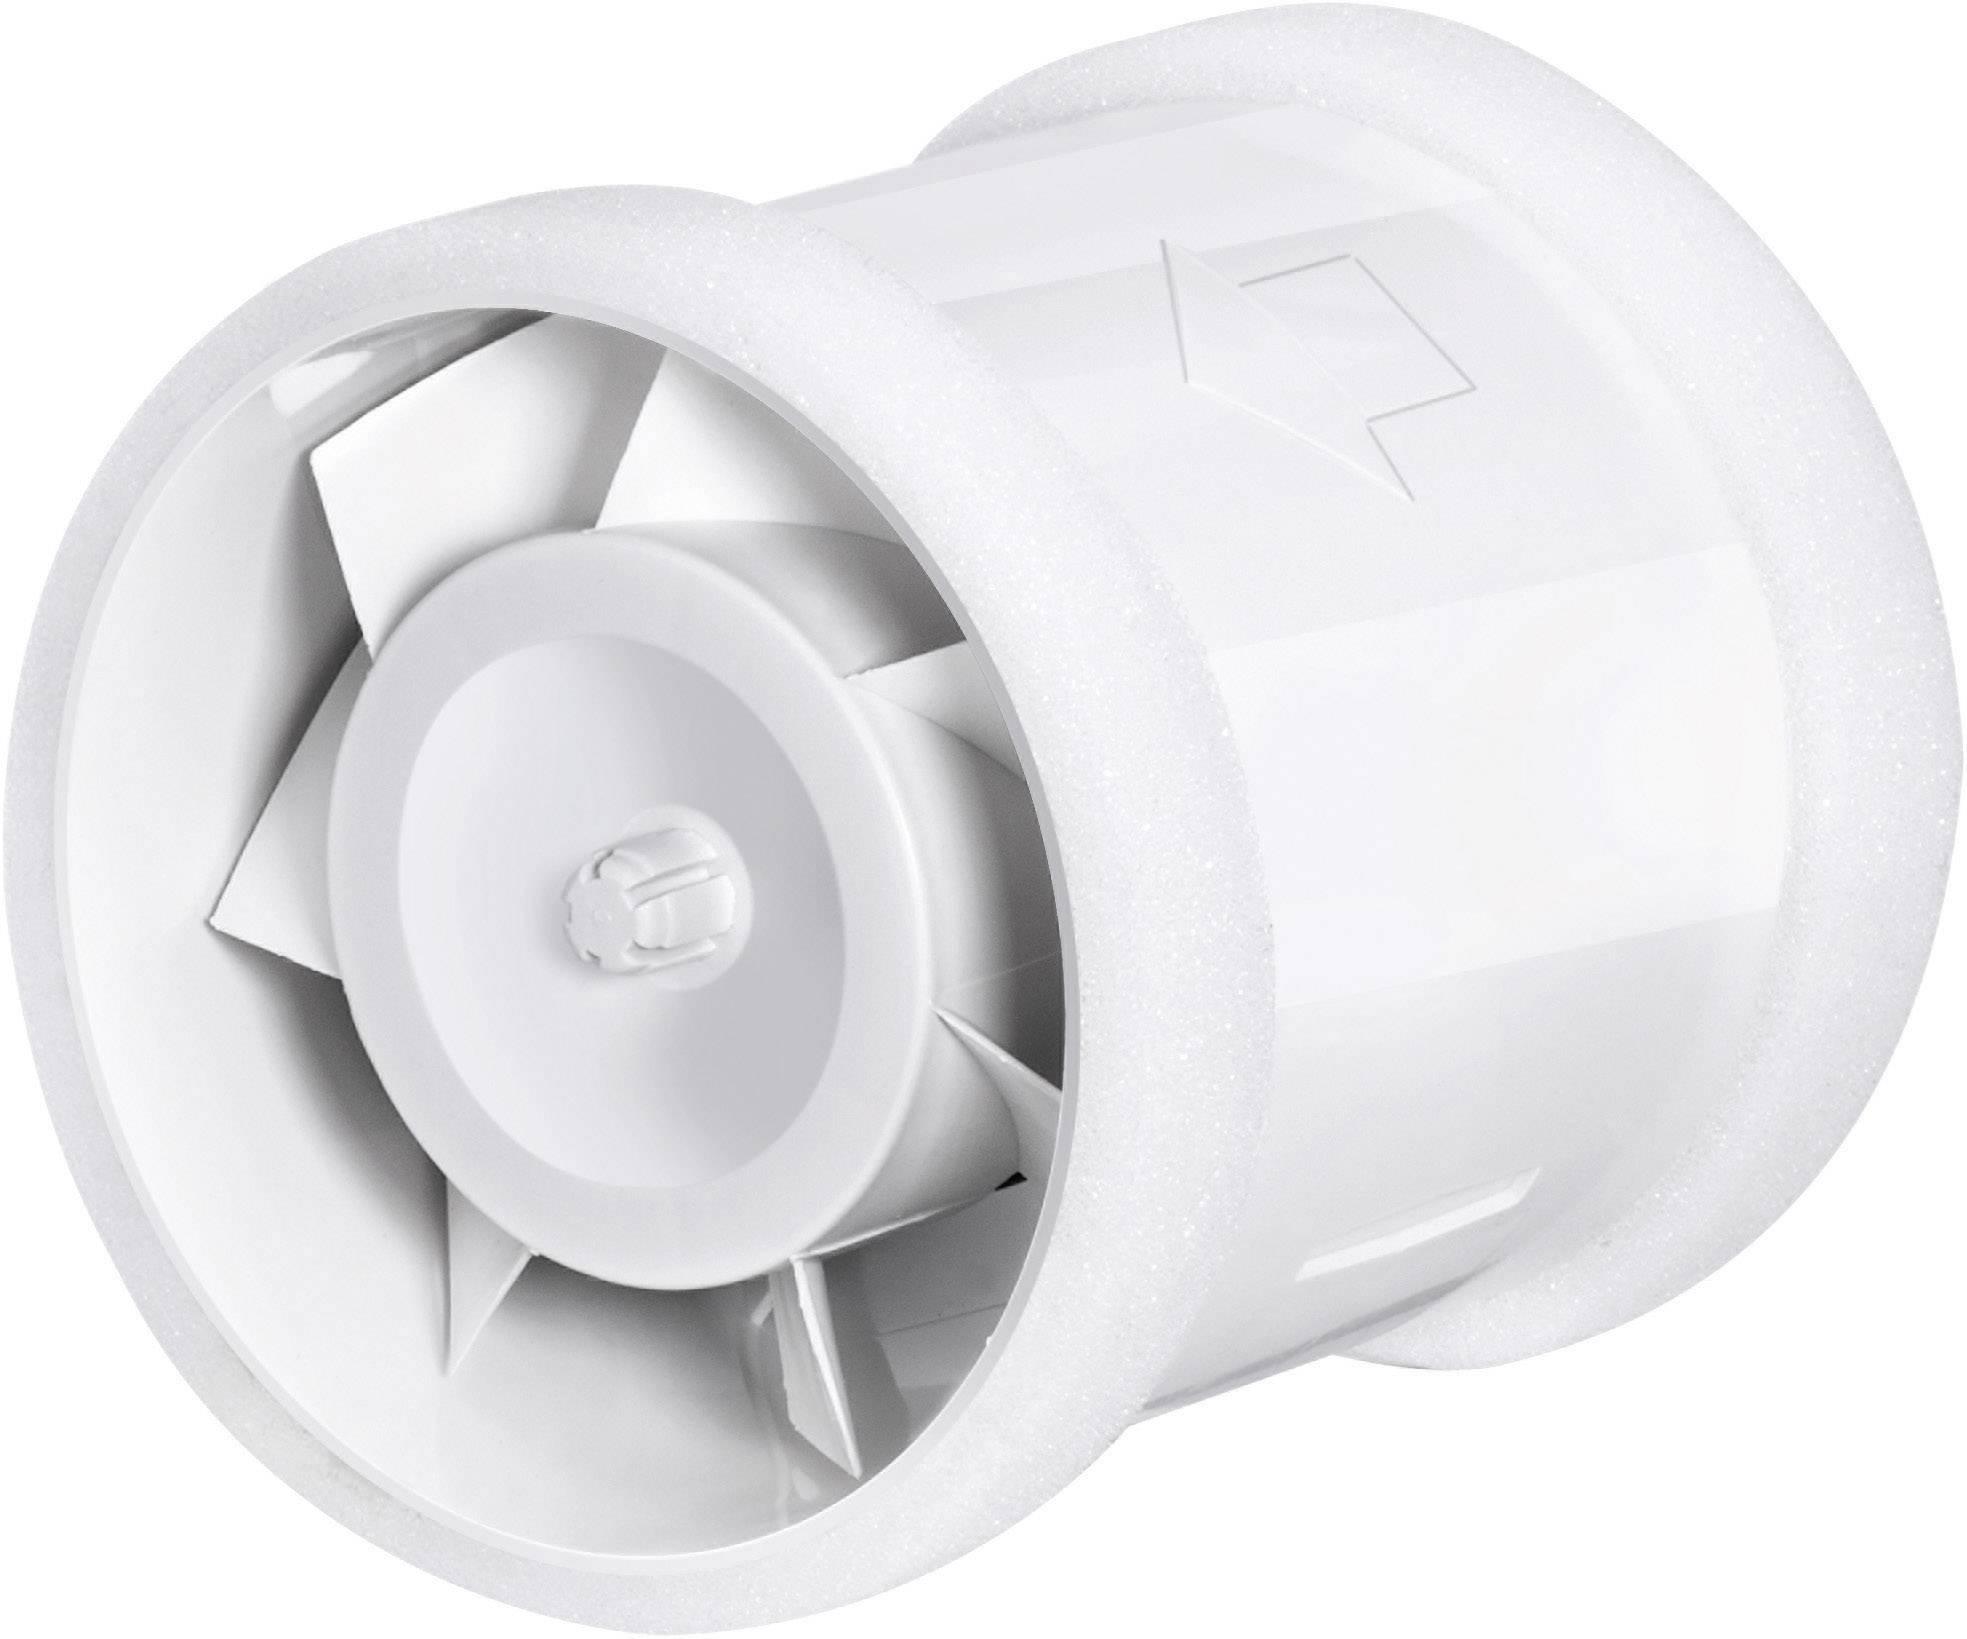 Poulailler Ventilateur DExtraction Portable pour VR Ventilateur DExtraction de Panneau Solaire Maisons pour Animaux de Compagnie Ventilateur DExtraction Solaire /éTanche IP65 Ext/éRieur Serres